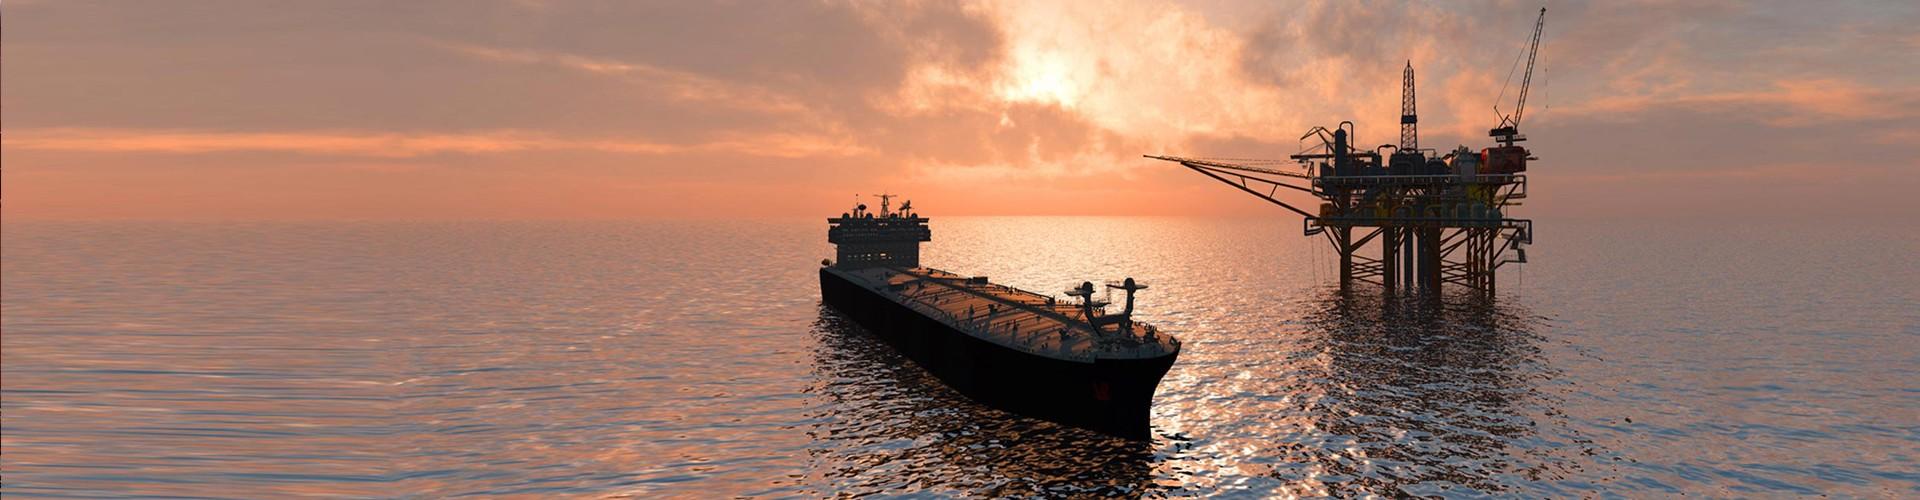 海工船舶行业